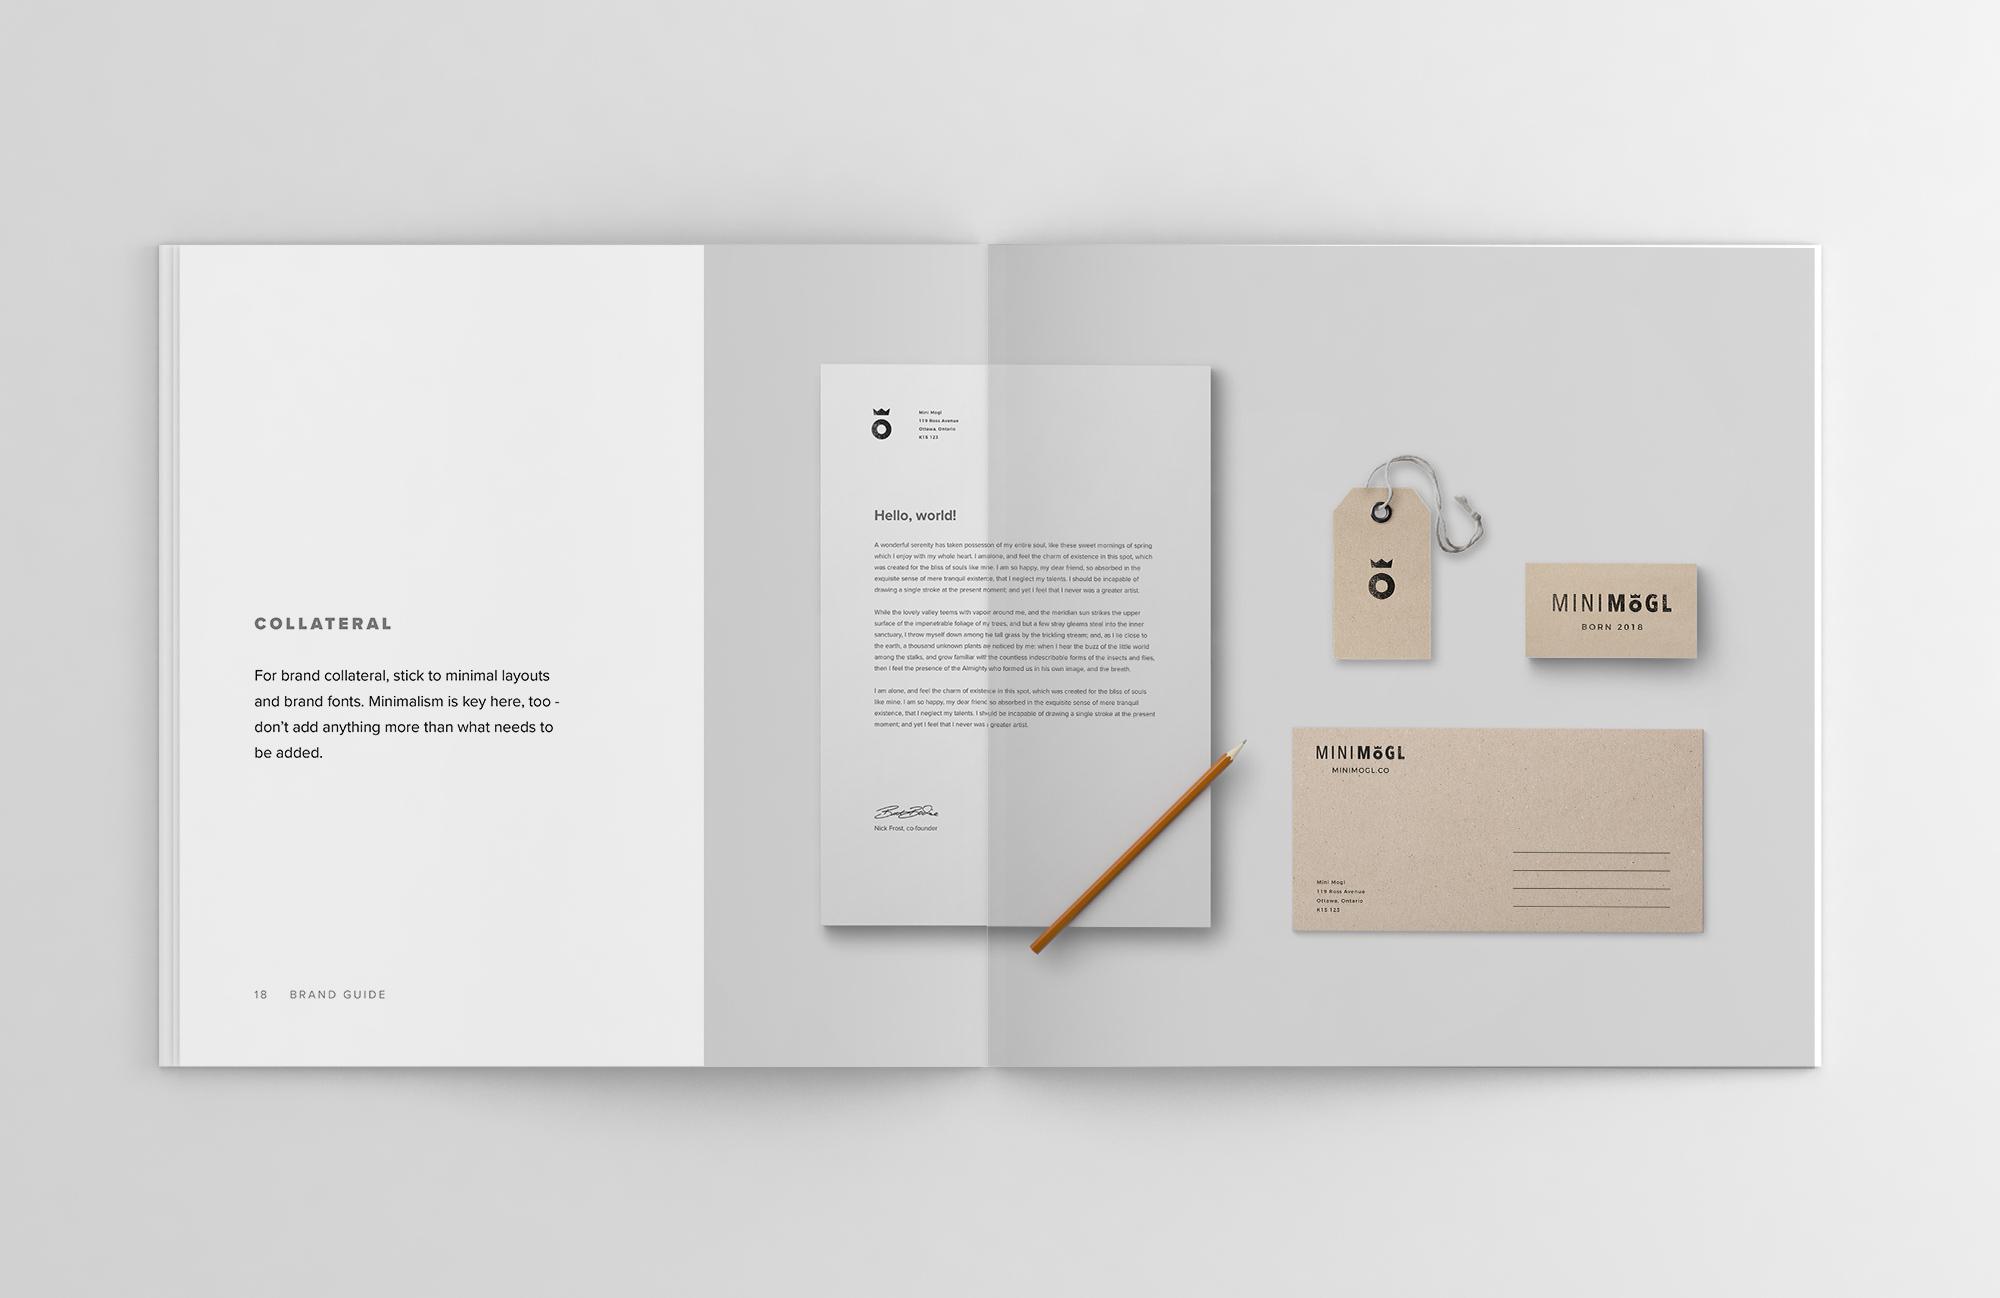 mini-mogl-brand-guide-04